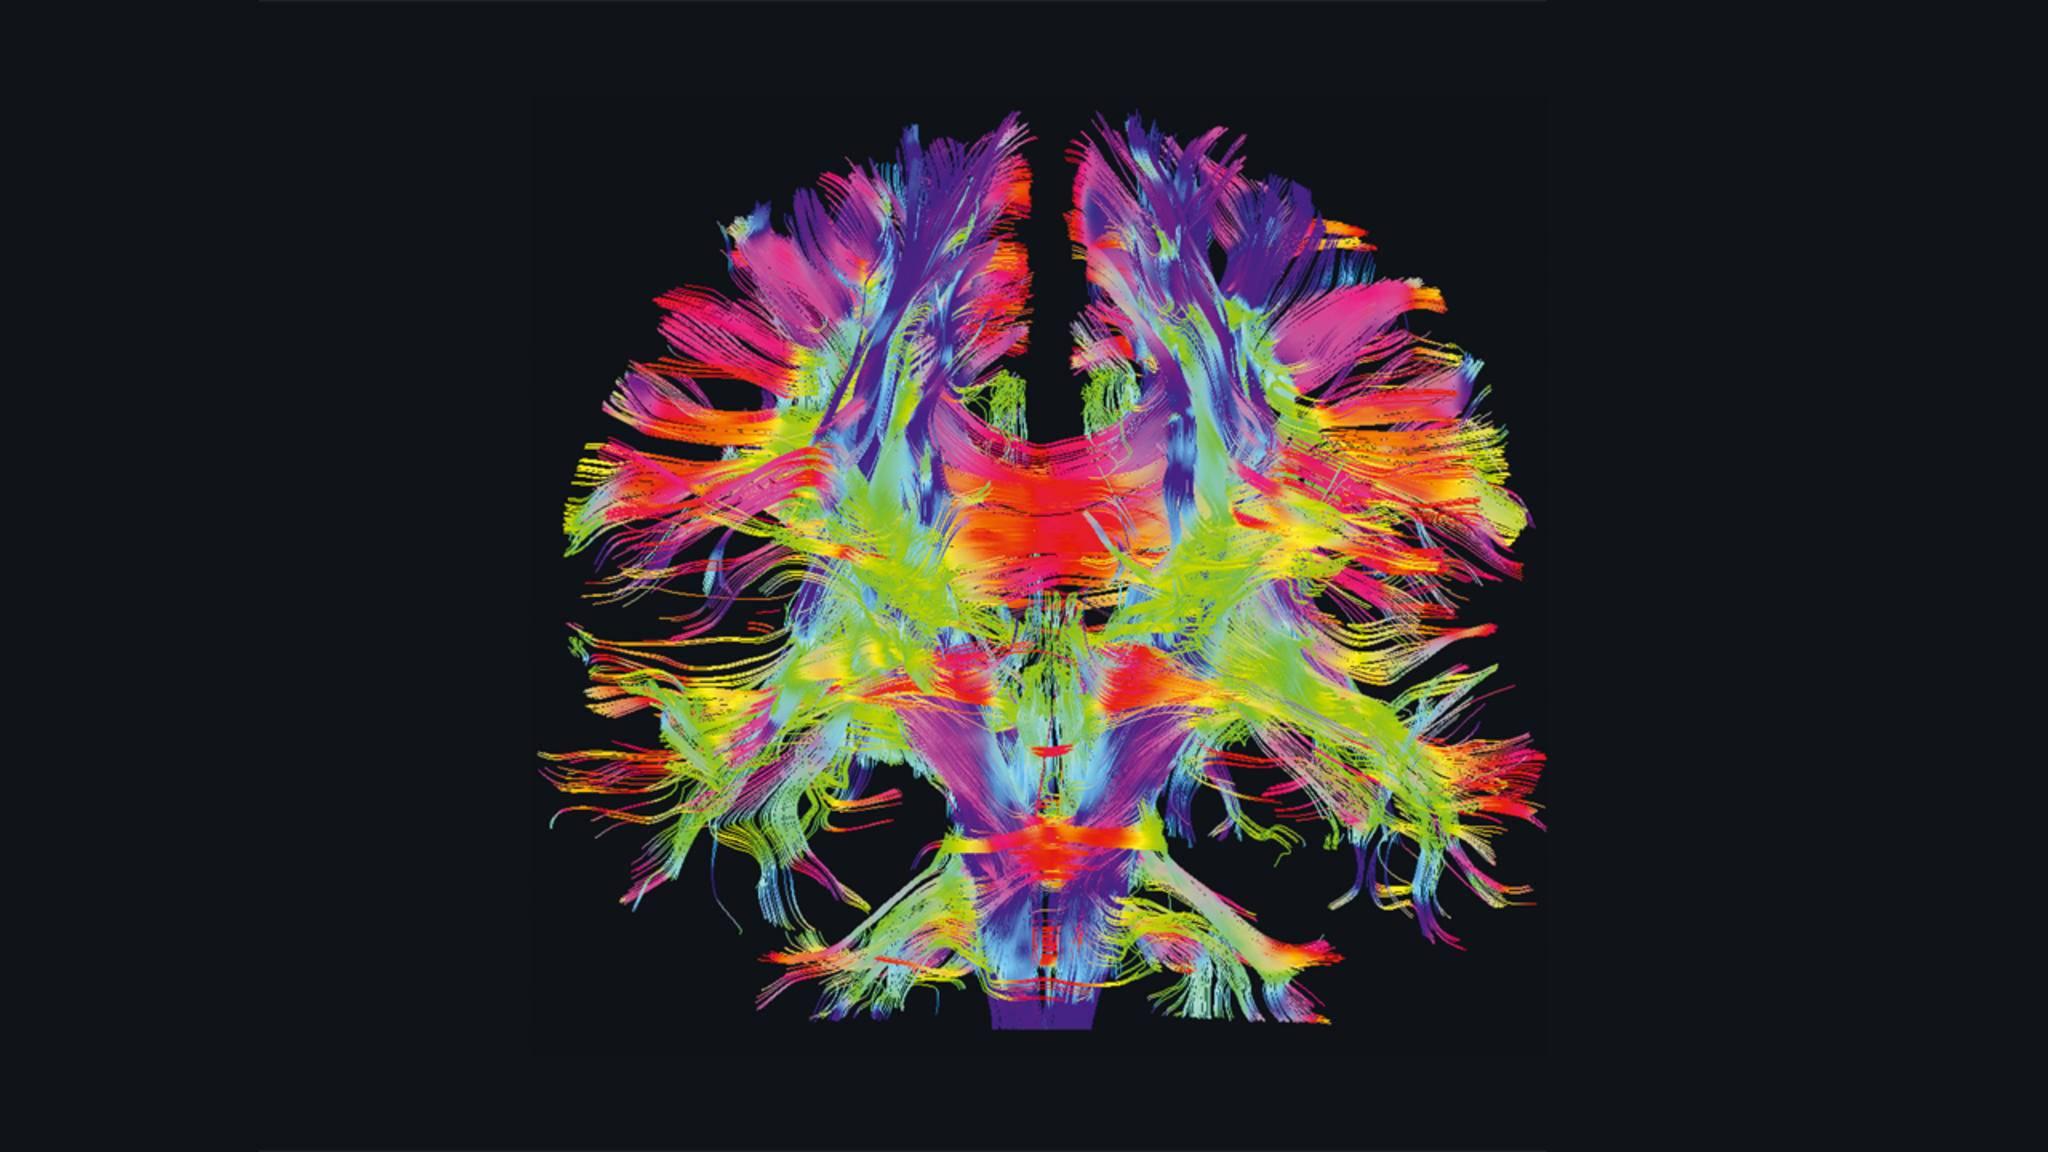 Geistige Leuchte: Nervenfasern verbinden die verschiedenen Regionen des Gehirns, hier sichtbar gemacht mit farbiger 3D-Diffusionsbildgebung.